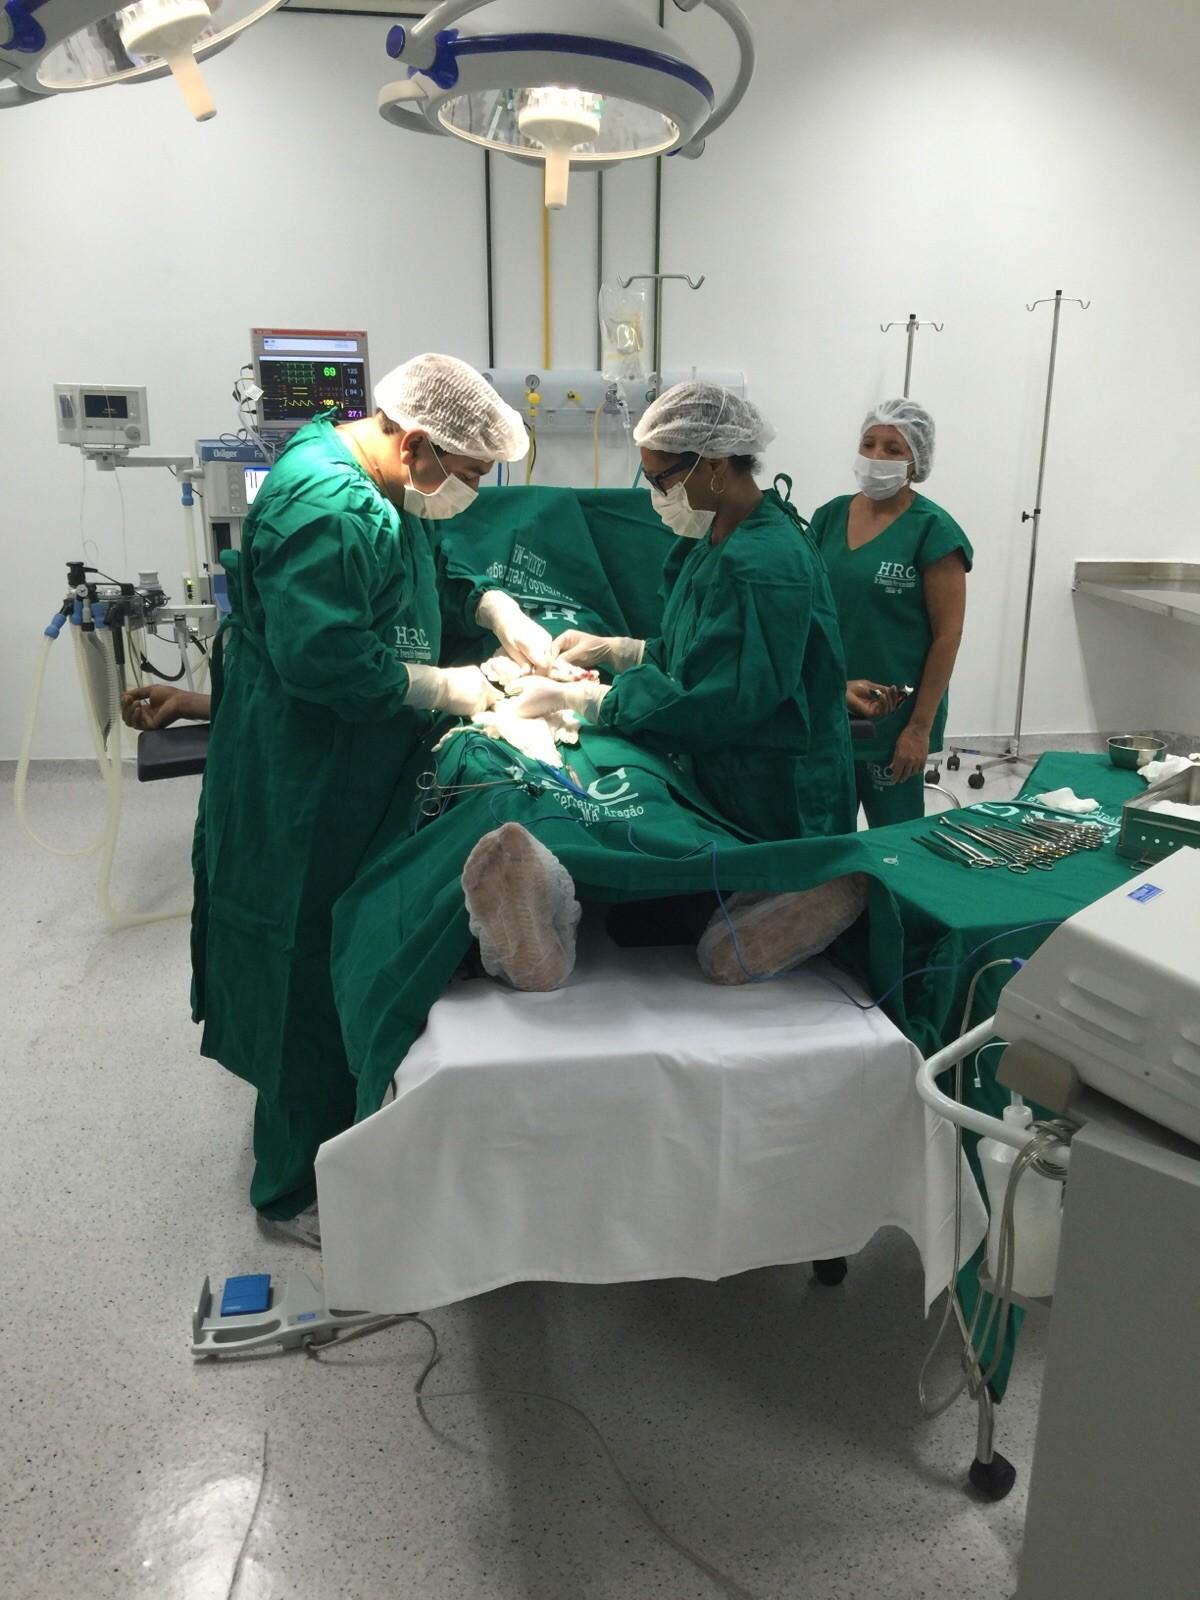 FOTO Maior seletivo público dos últimos 25 anos é lançado pelo governo Flávio Dino 7 902 vagas para profissionais da Saúde %